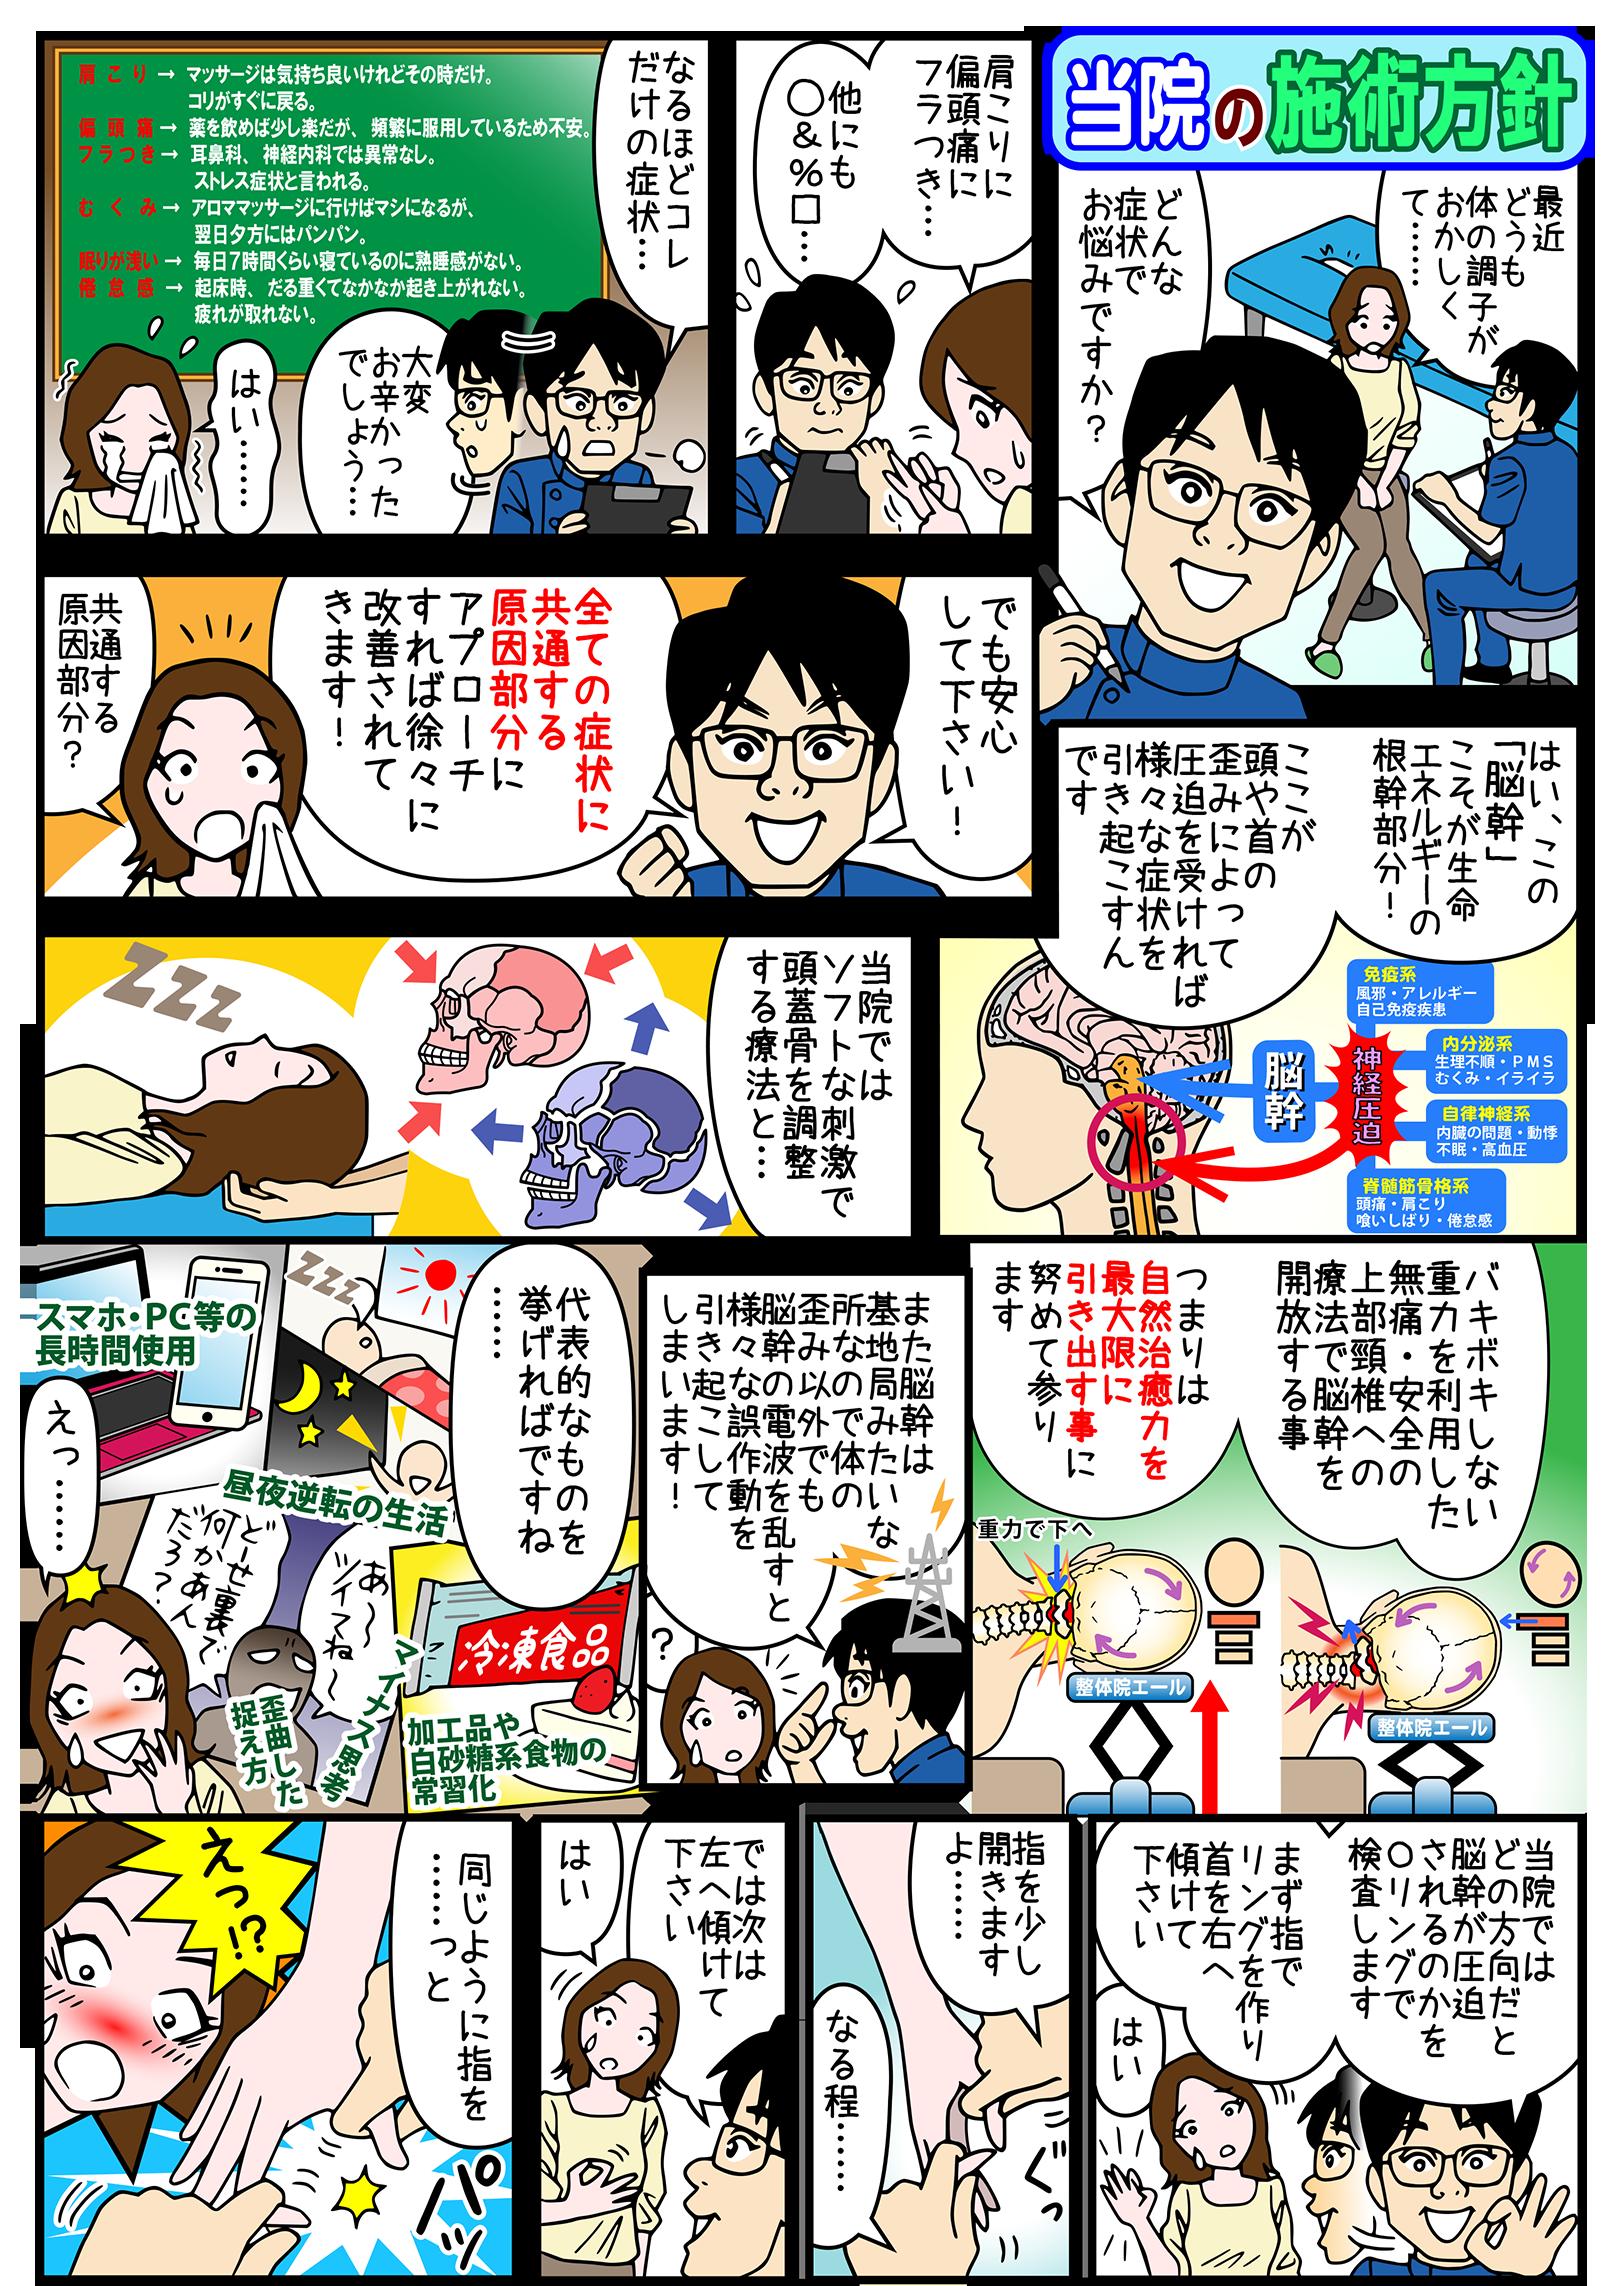 バランス整体院エール コマ漫画1